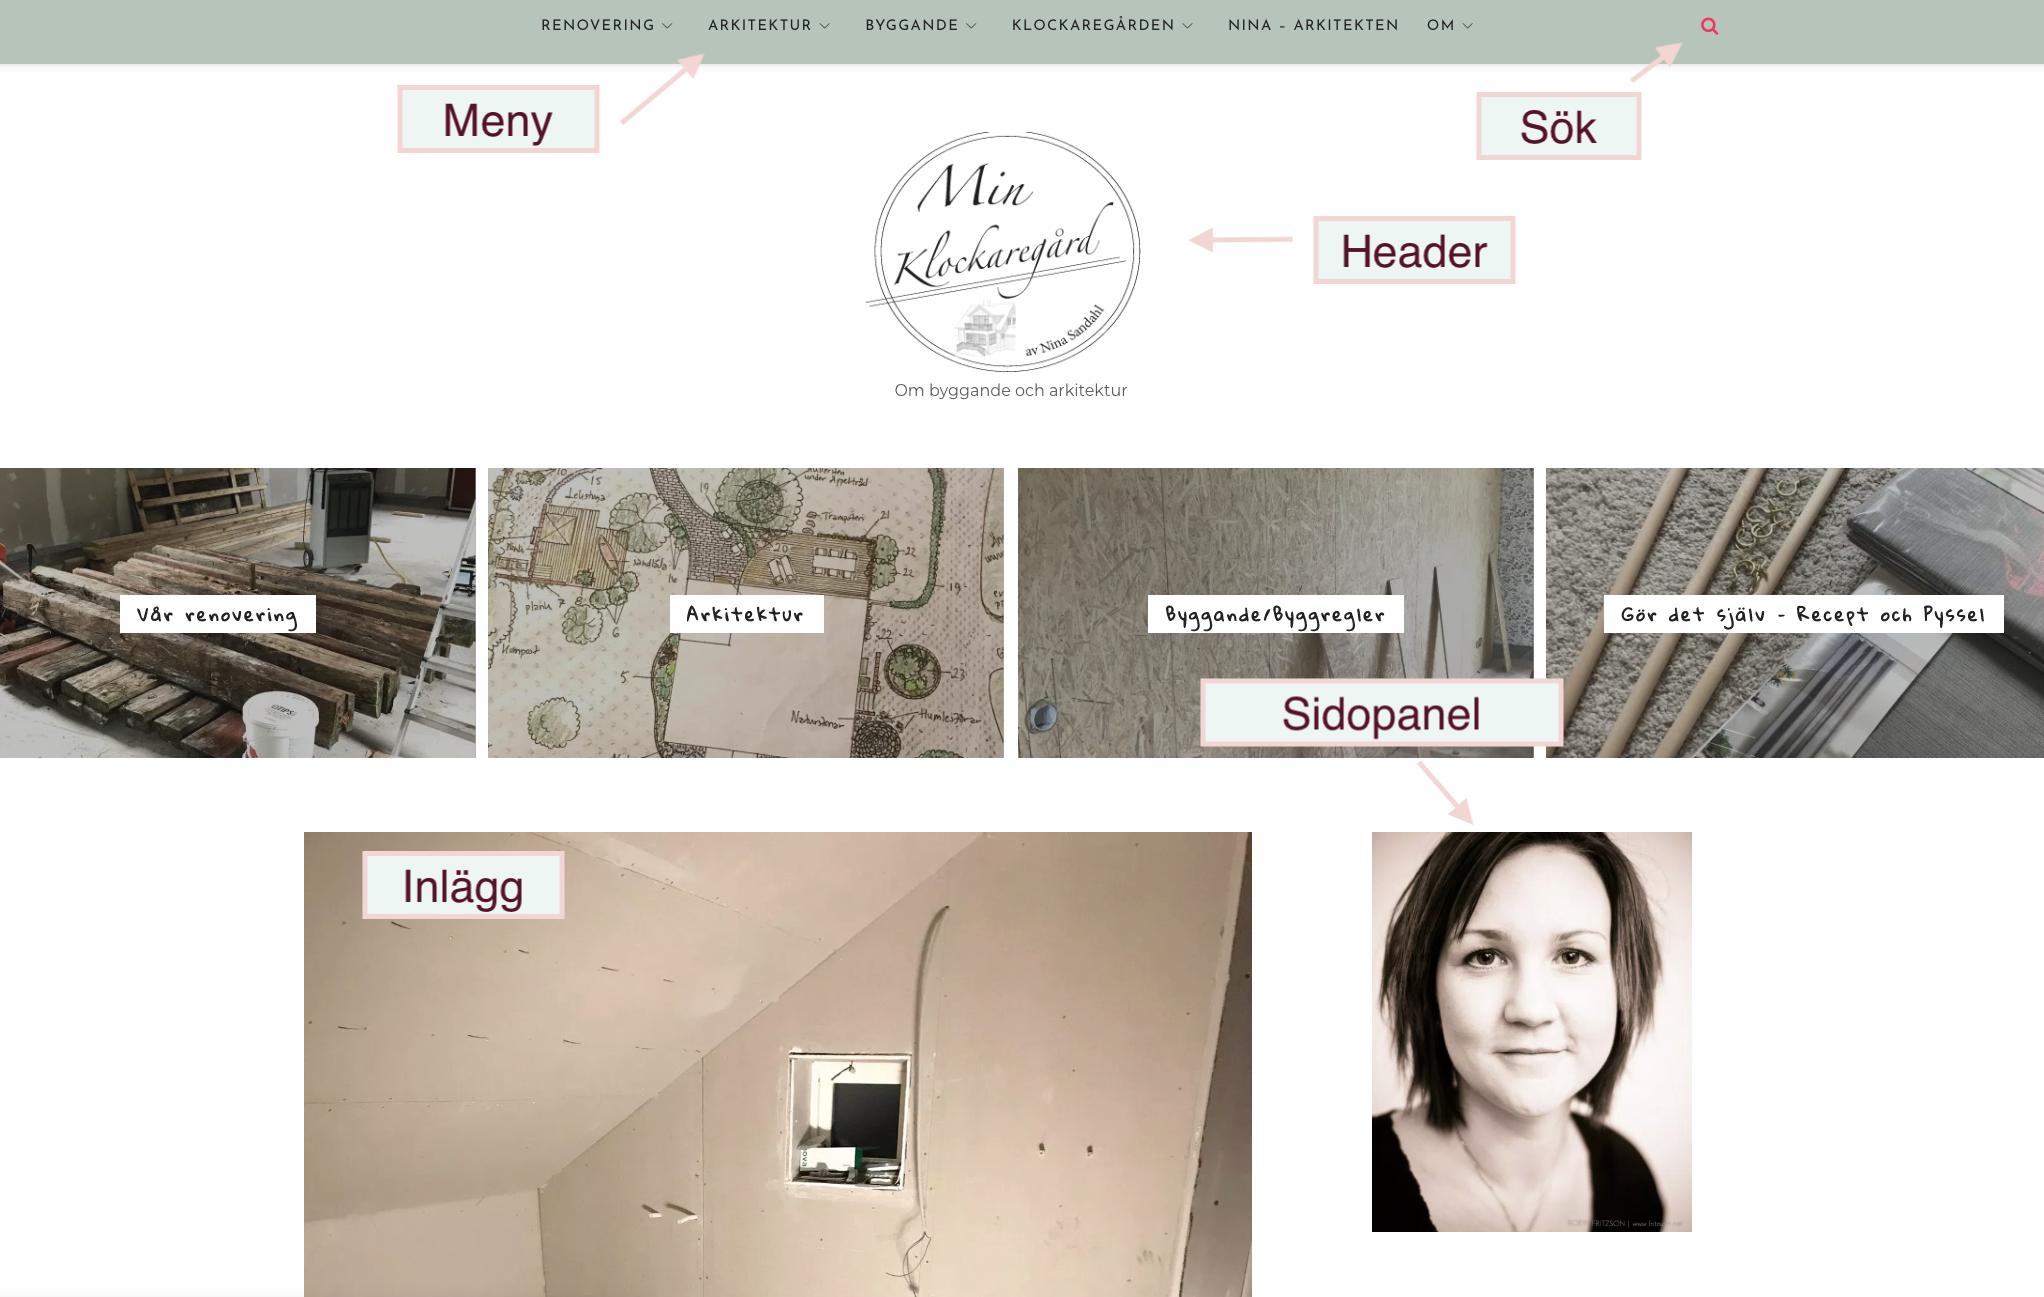 Hitta på bloggen - ny design